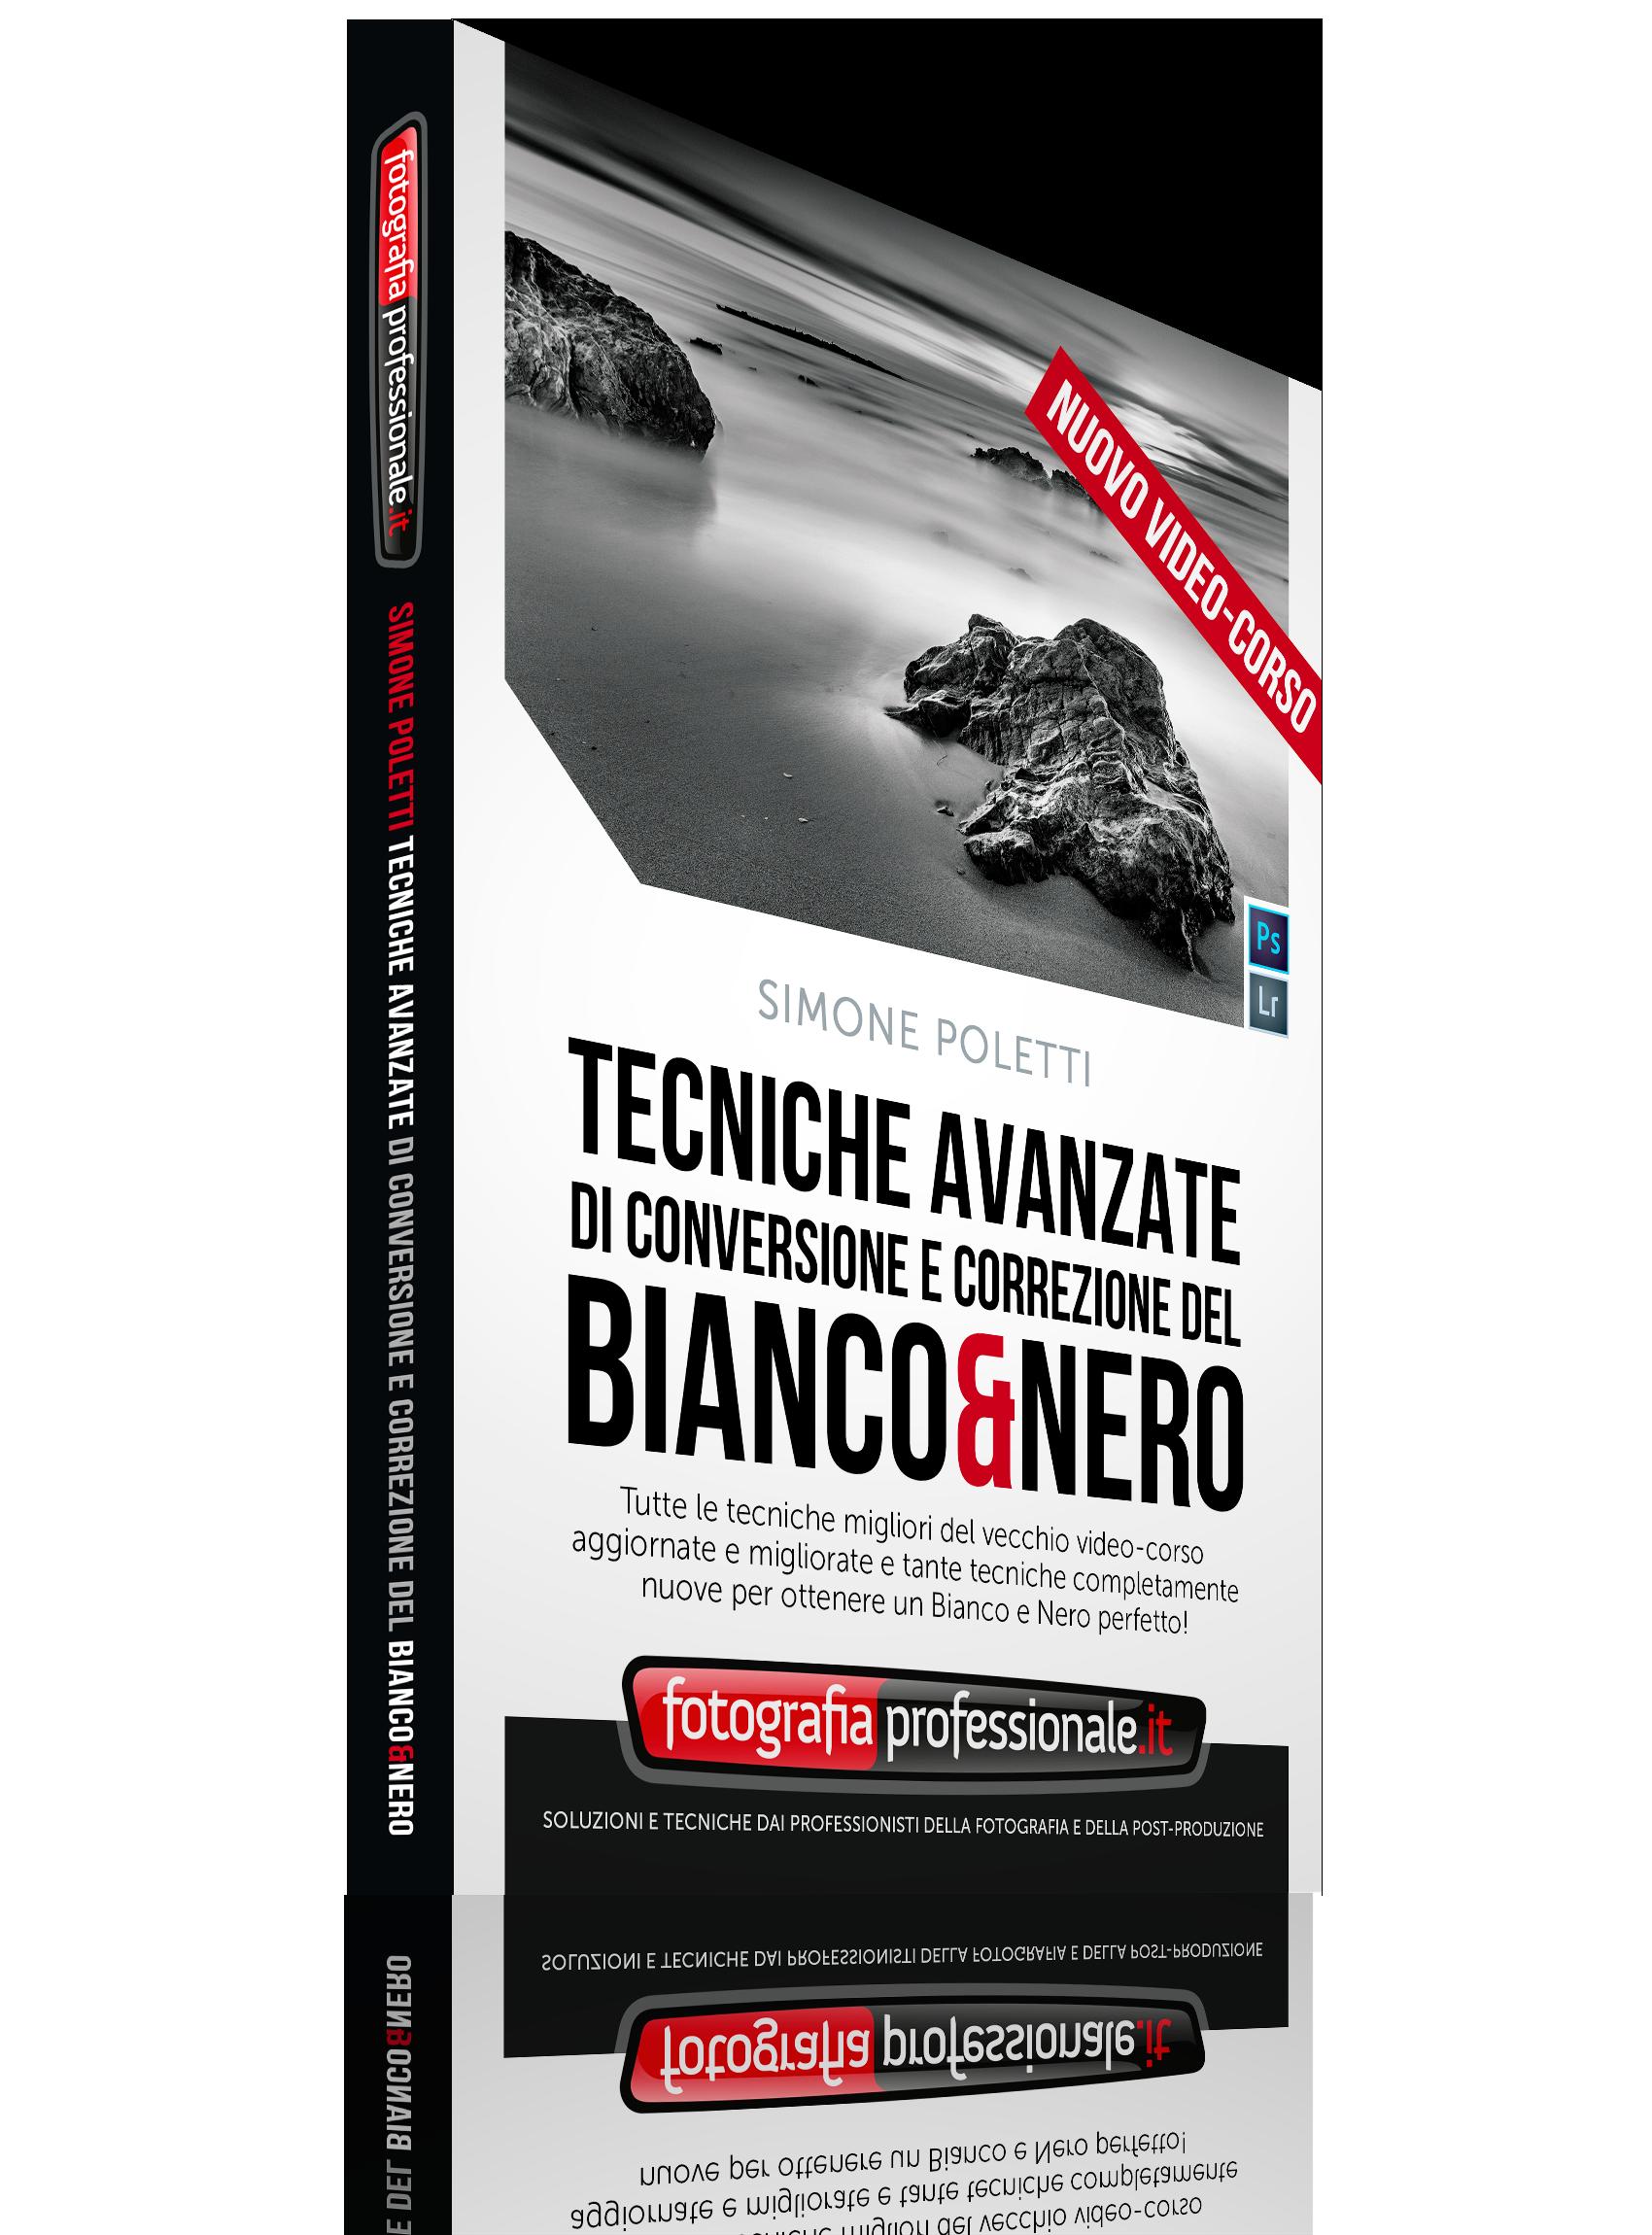 Tecniche Avanzate di Conversione e Correzione del Bianco & Nero